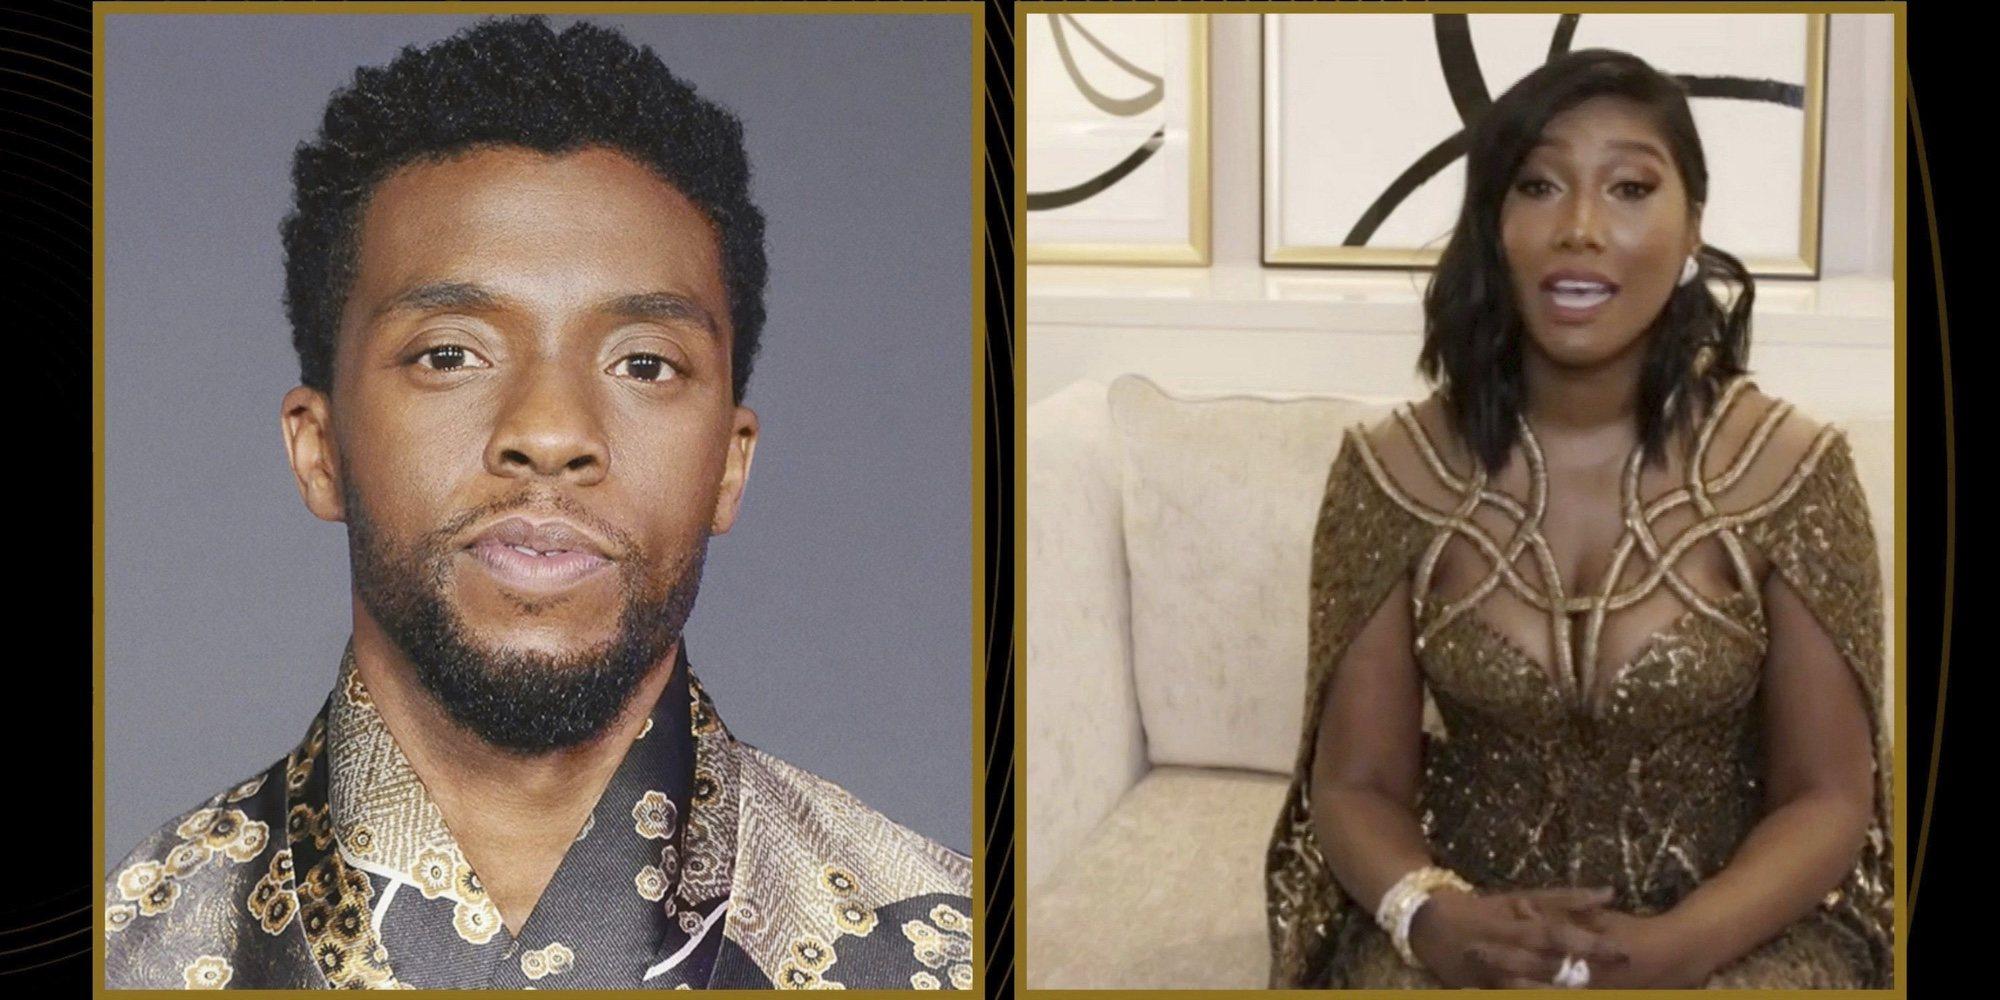 El emotivo discurso de la viuda de Chadwick Boseman al recoger su galardón póstumo en los Globos de Oro 2021